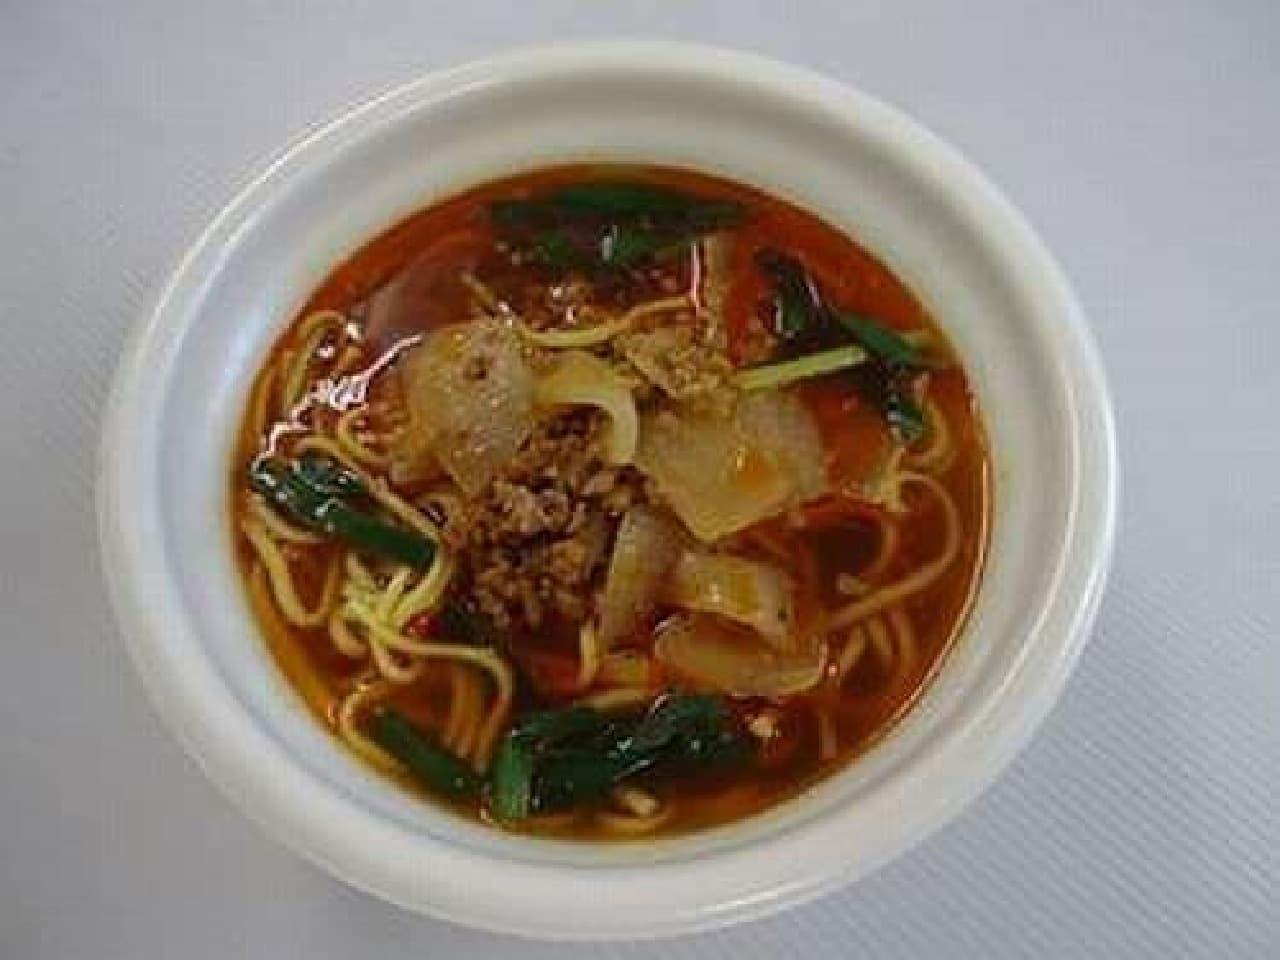 「勝浦タンタンメン」  真っ赤なラー油で染められたスープが特徴!